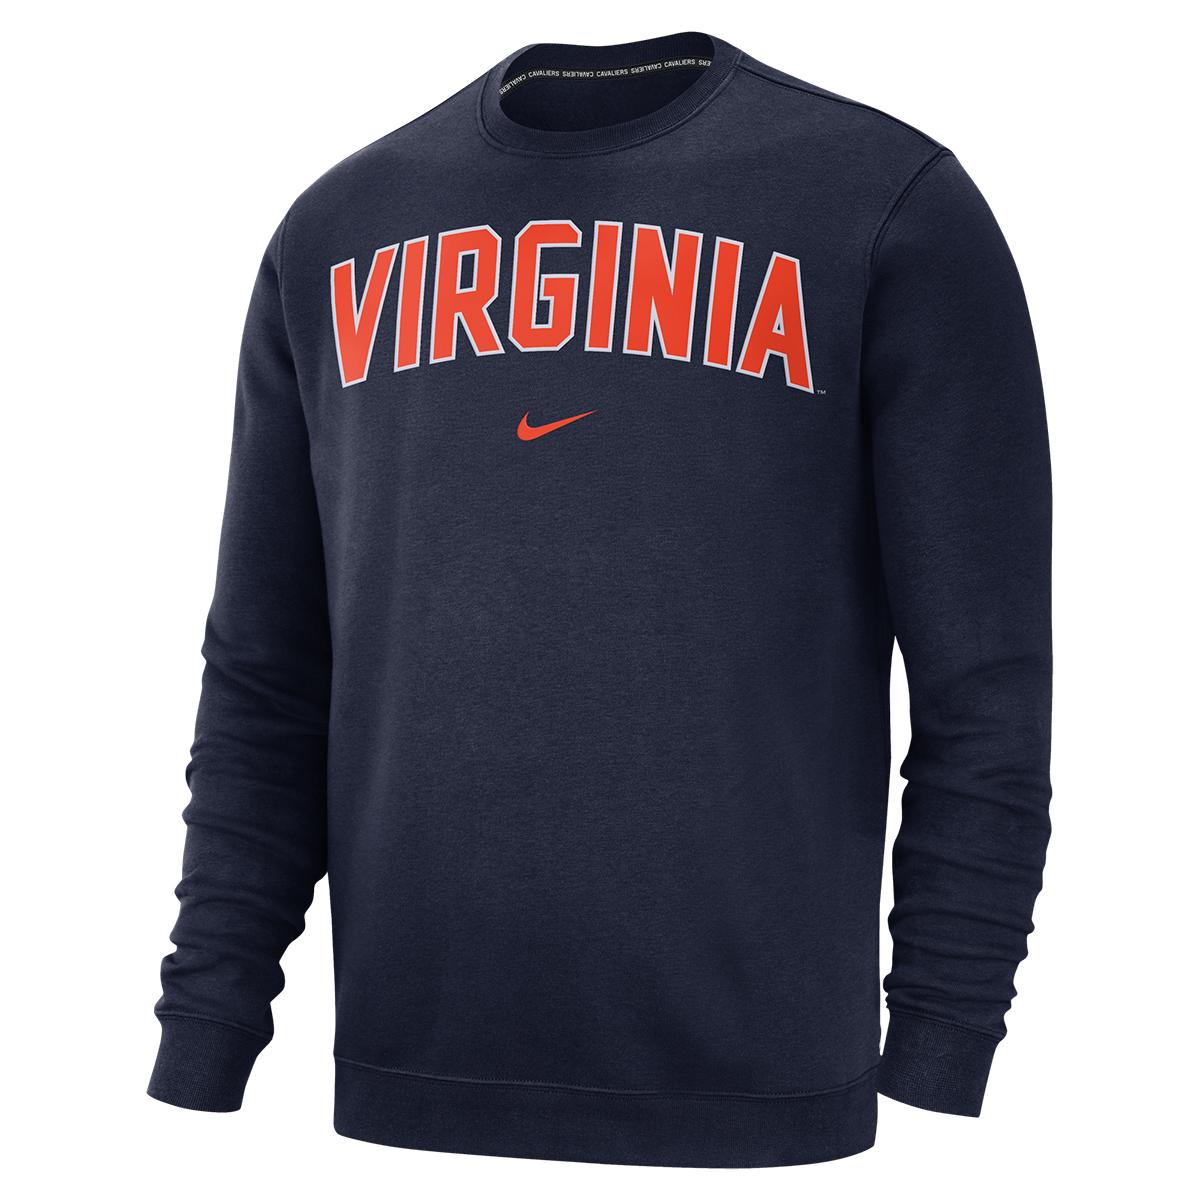 University of Virginia Nike Fleece Crew Neck Pullover Sweatshirt